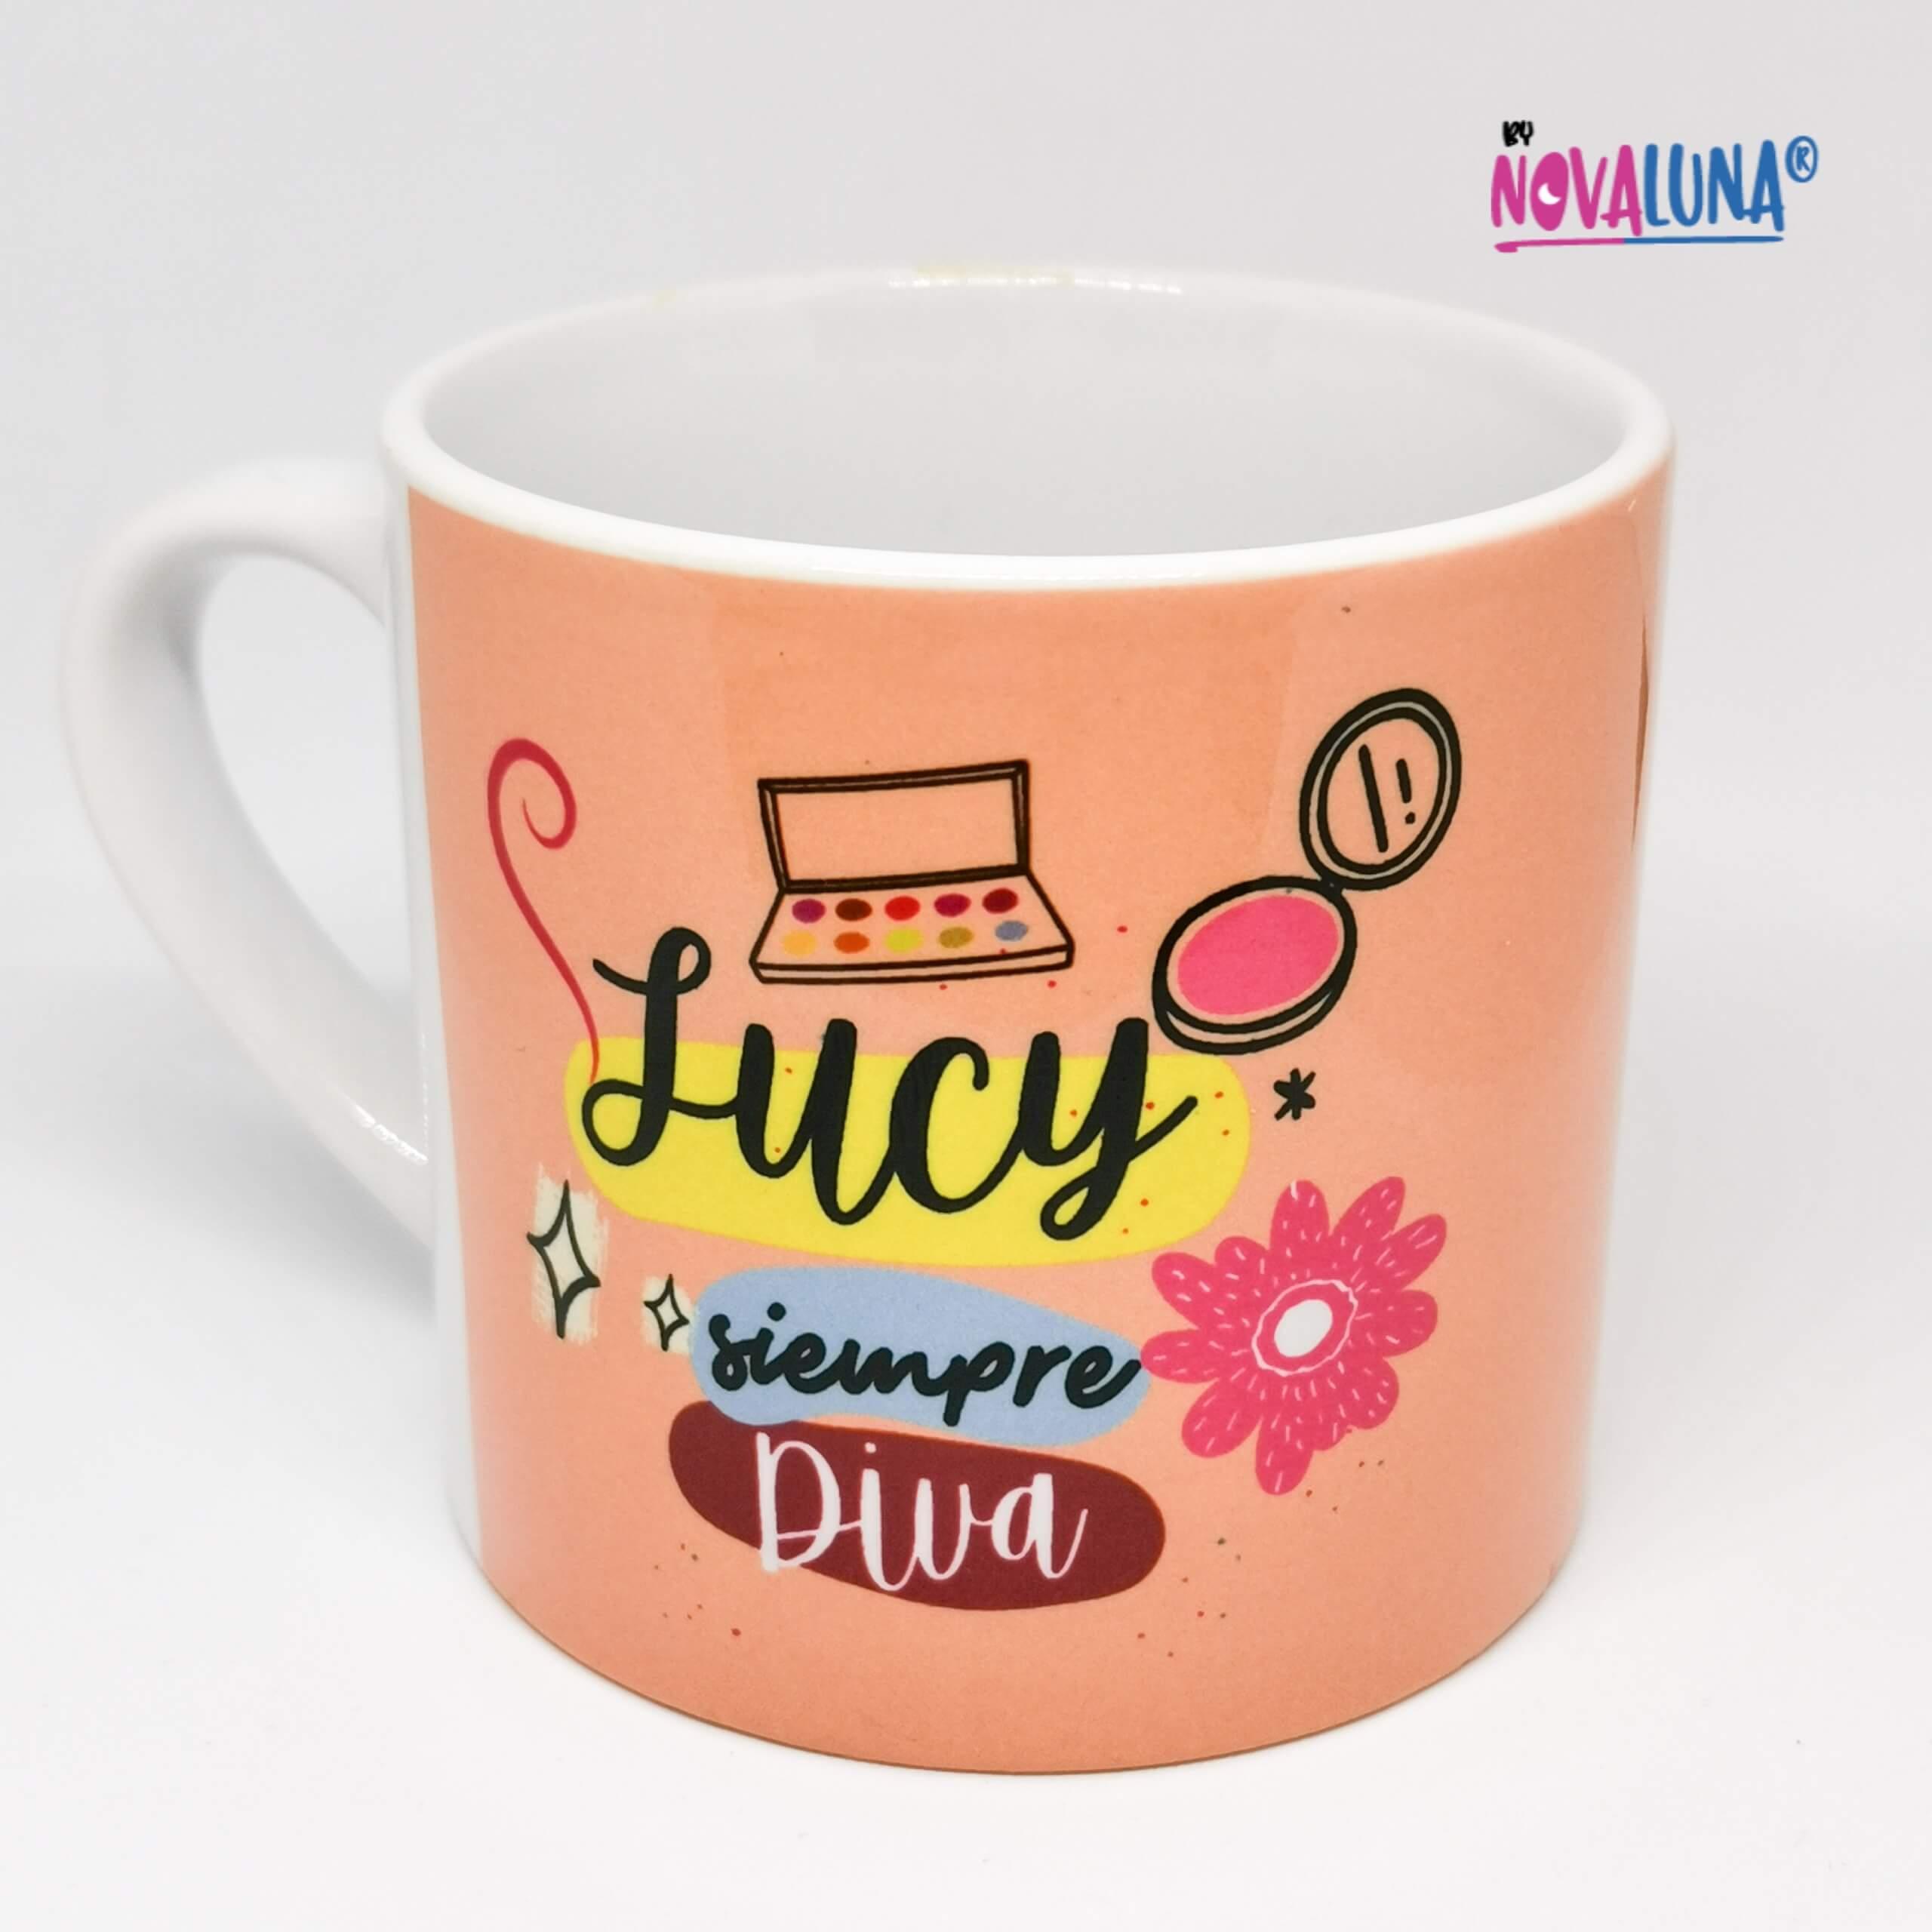 Mug 6 oz personalizado _5